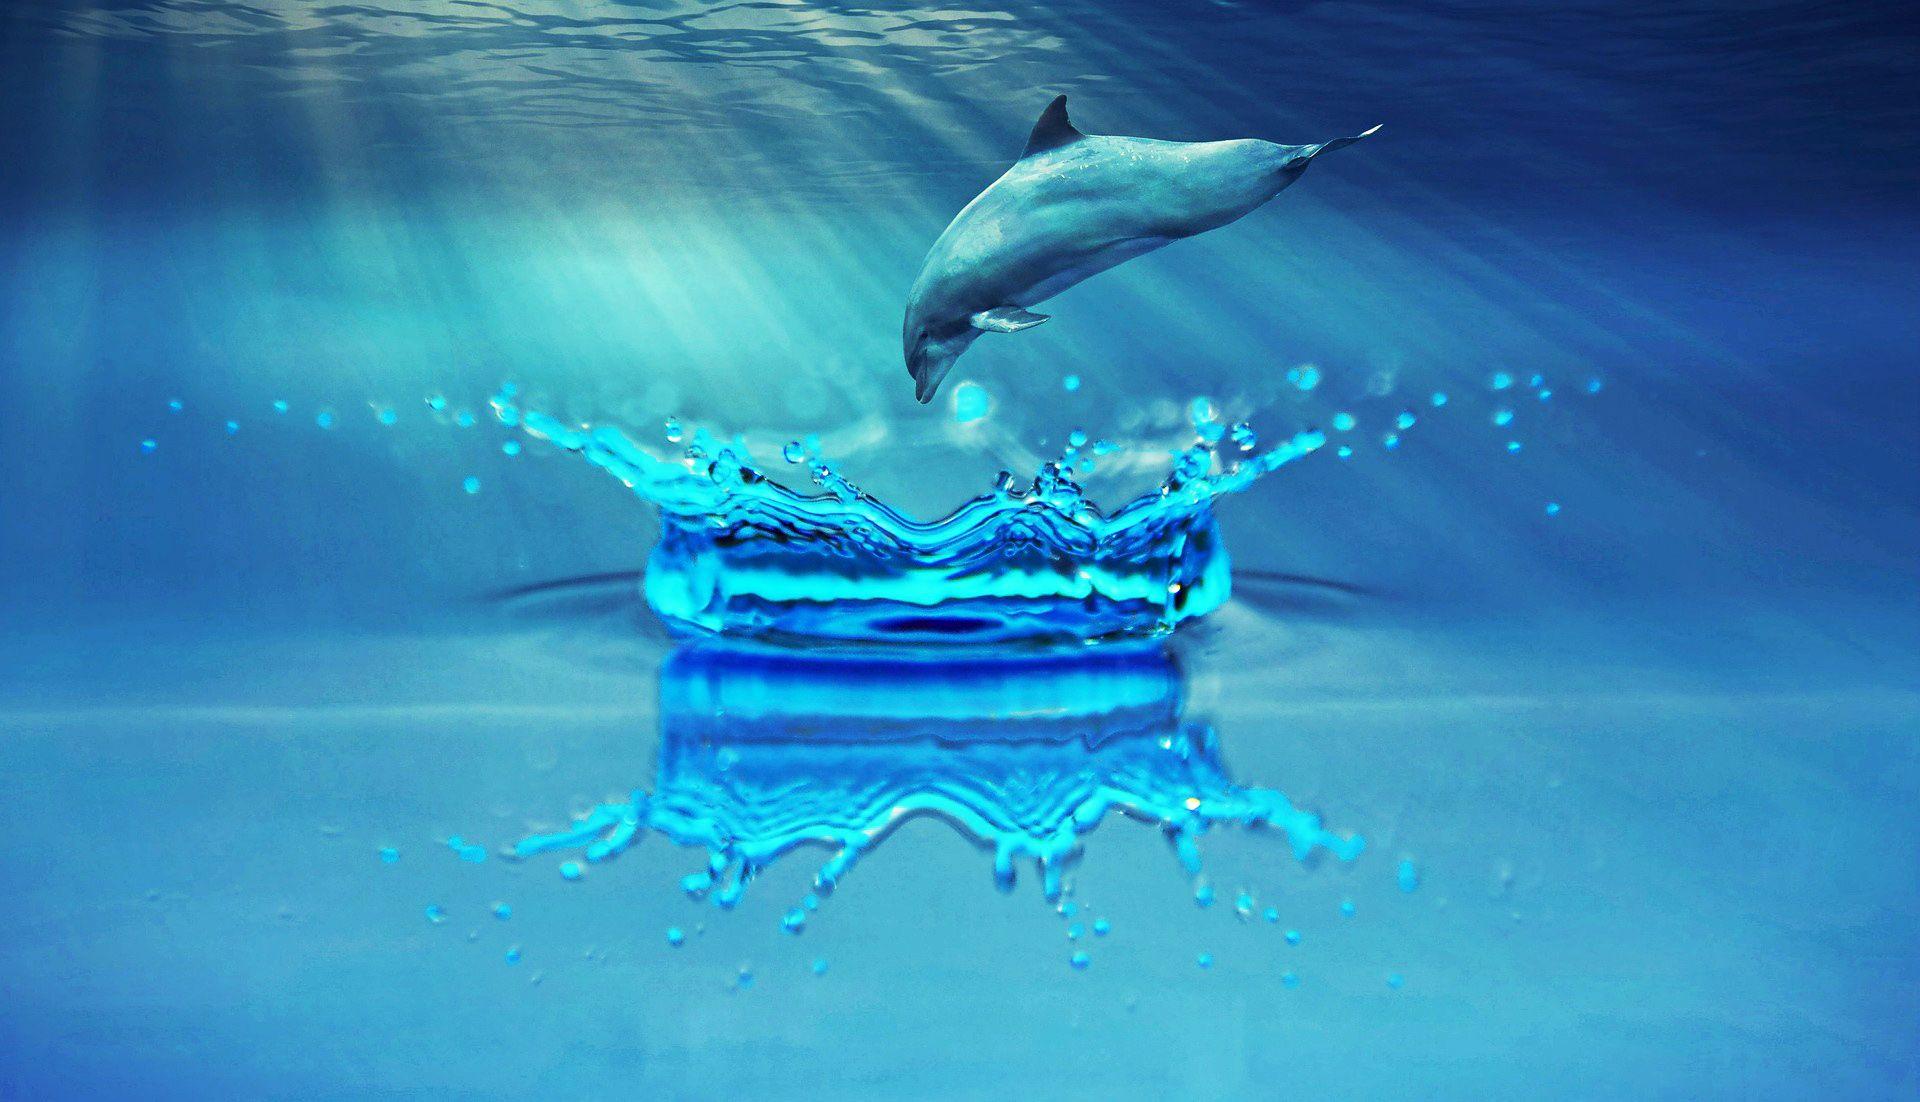 dolphin-1739674_1920.jpg